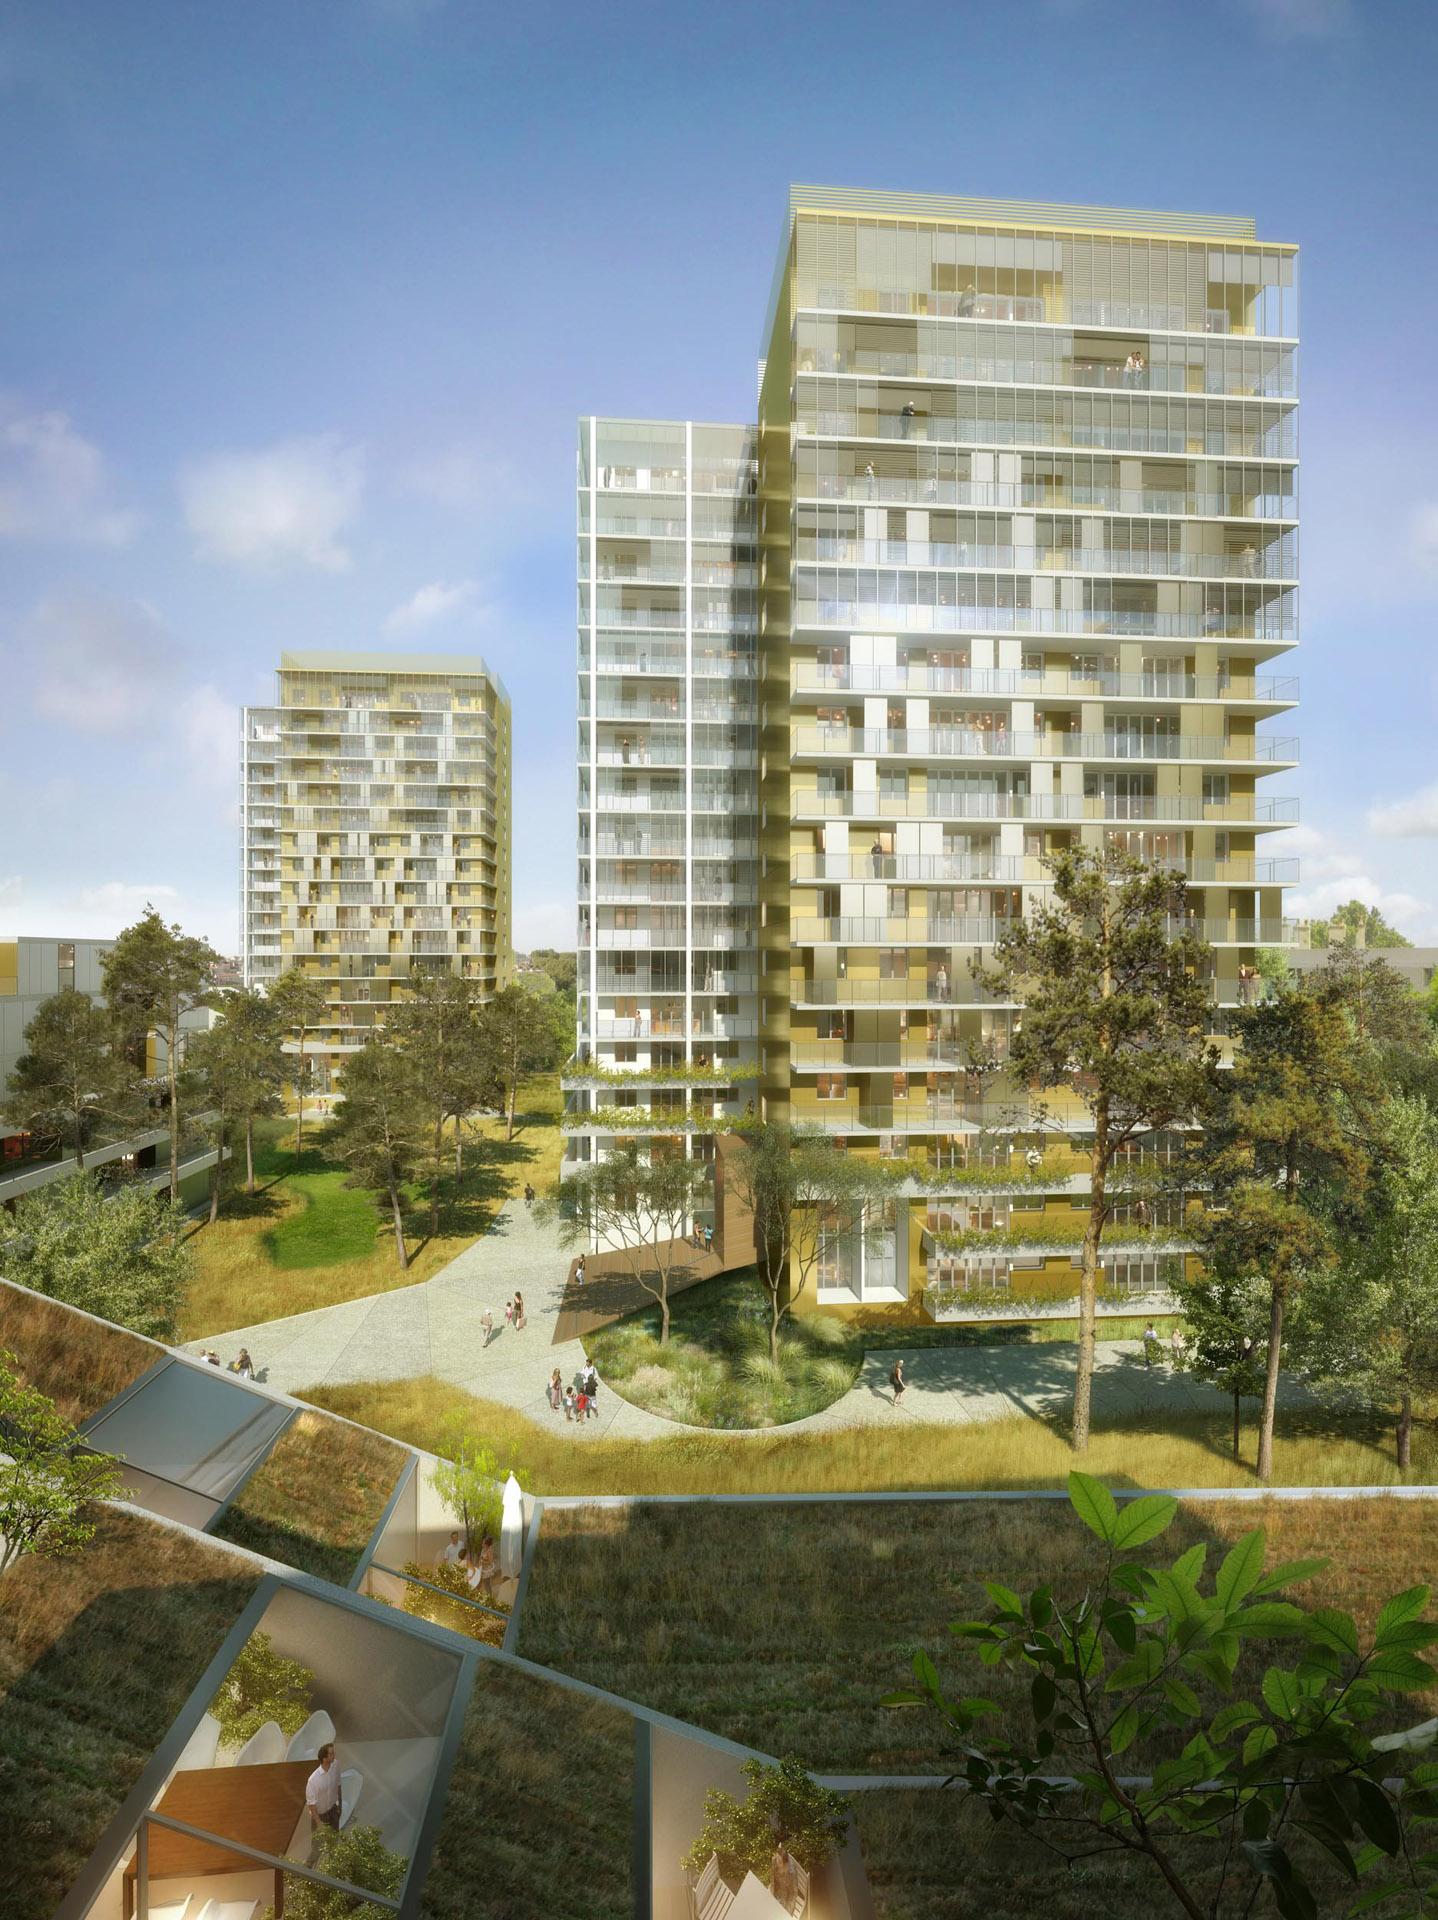 Perspective de concours - Etude urbaine - RVA Architecture Urbanisme Paysage - Réhabilitation de Tours à Maison-Alfort